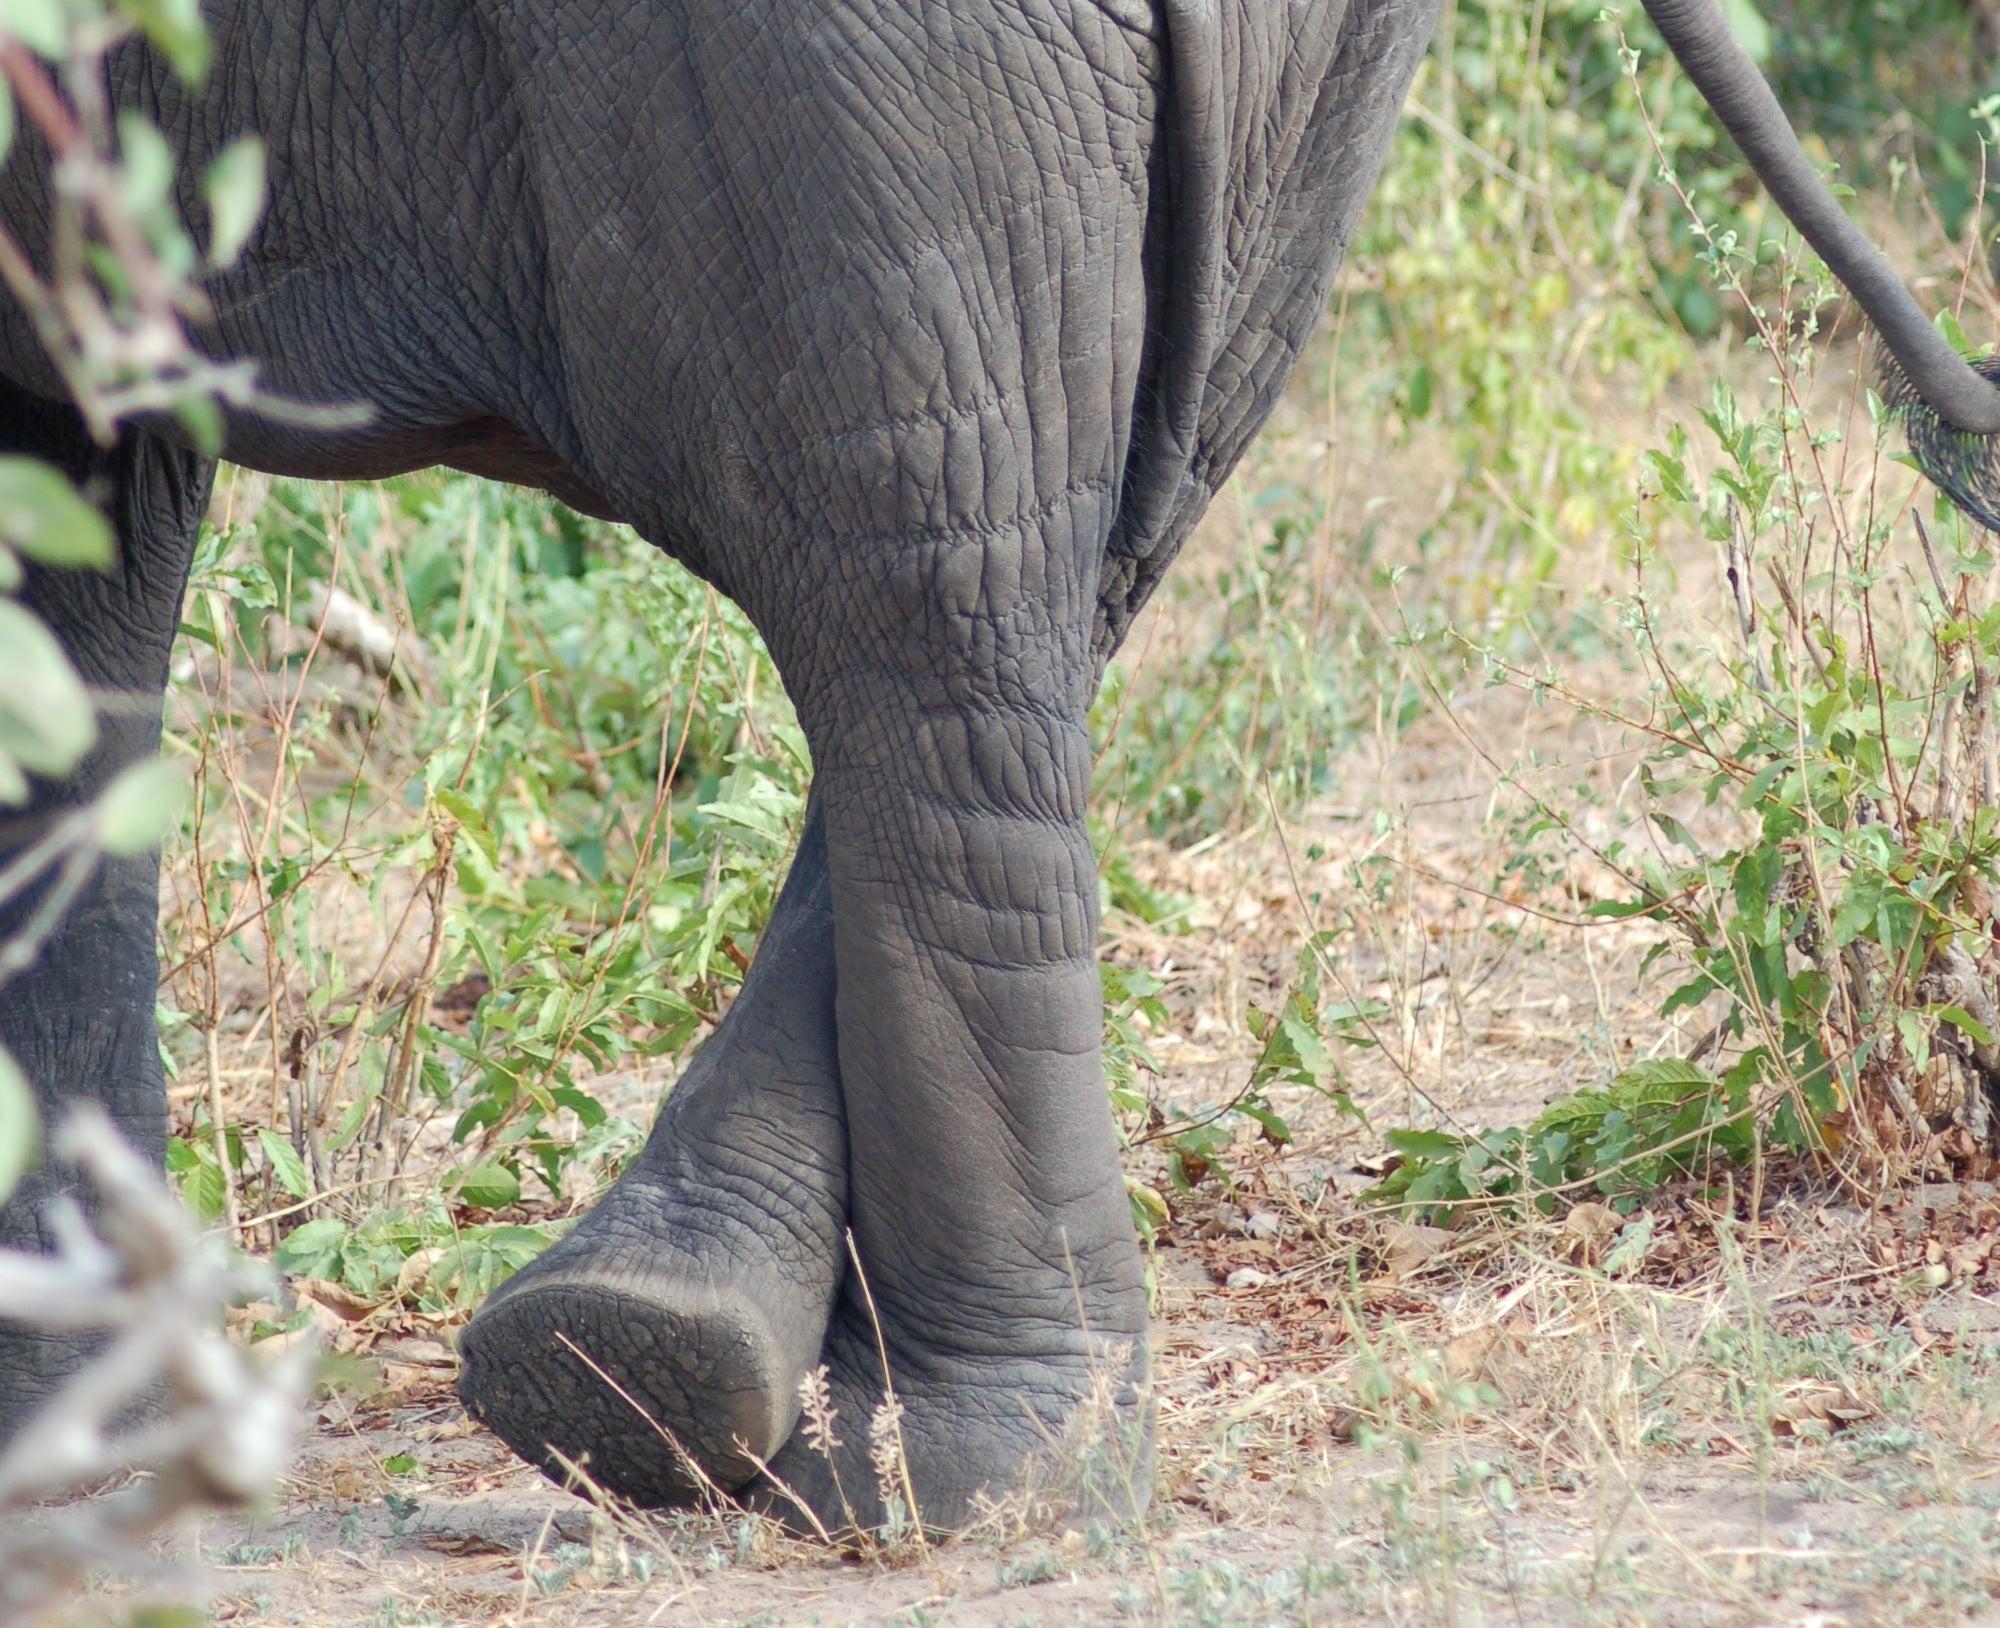 How Fast Does An Elephant Pee?